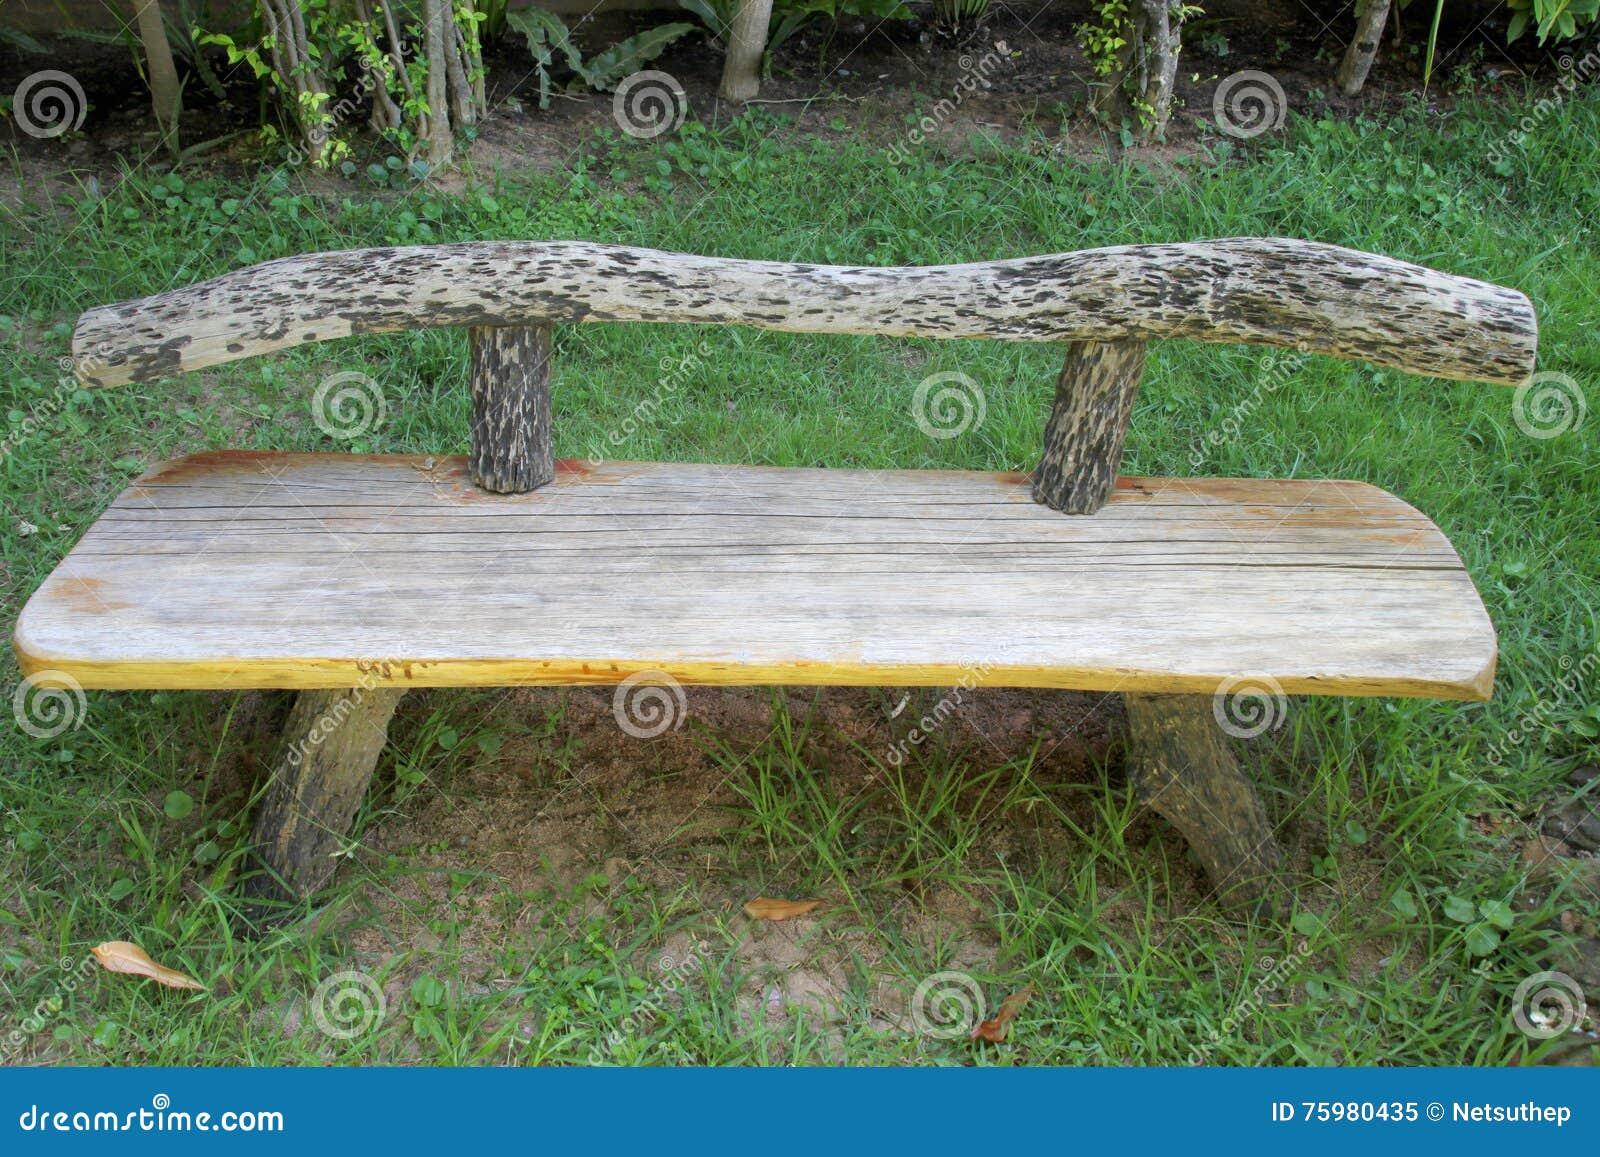 Vieux Banc De Jardin vieux banc en bois dans le jardin image stock - image du